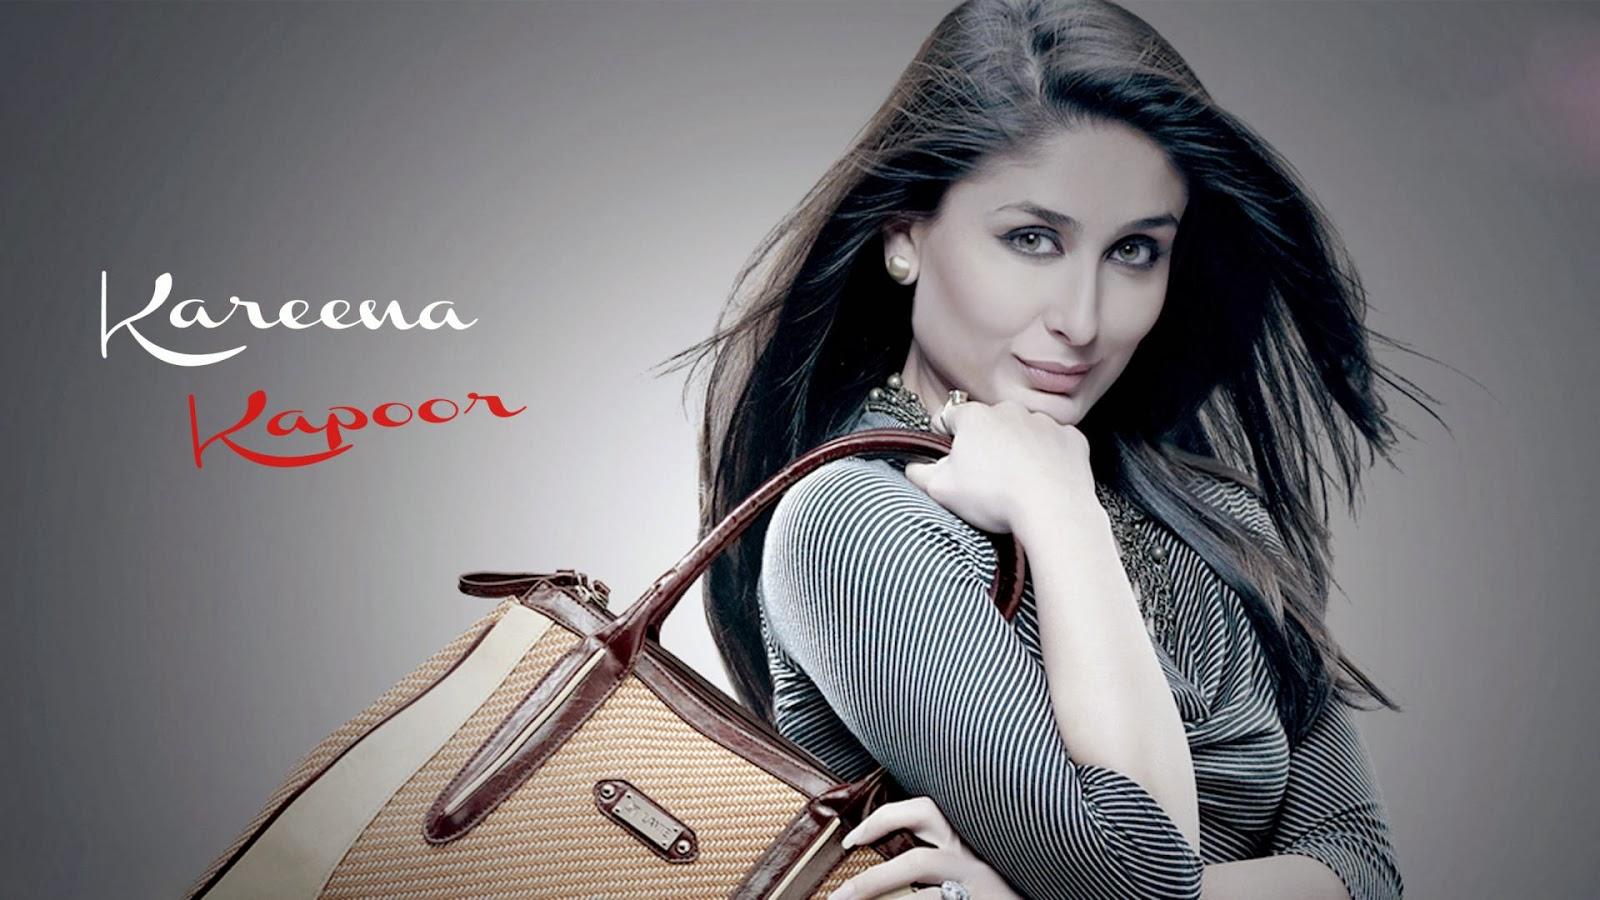 Kareena Kapoor HD Wallpapers 2015   etc FN 1600x900